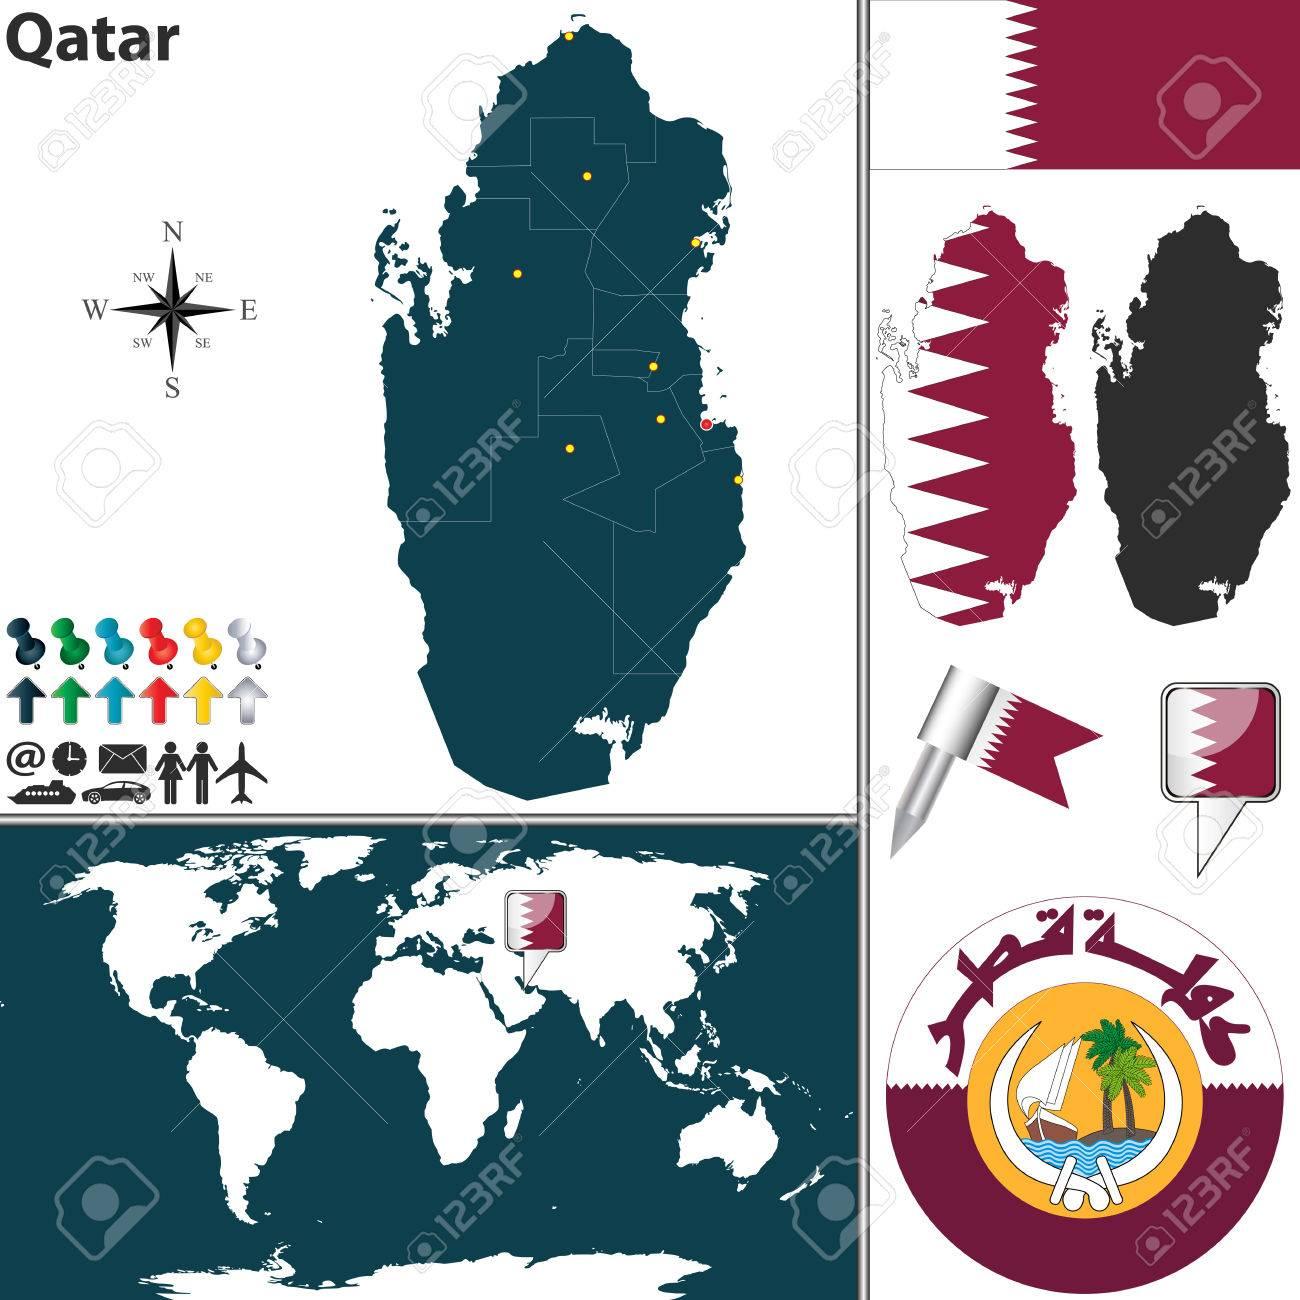 Carte Du Monde Qatar.Carte Du Qatar Avec Les Regions Le Manteau Des Bras Et L